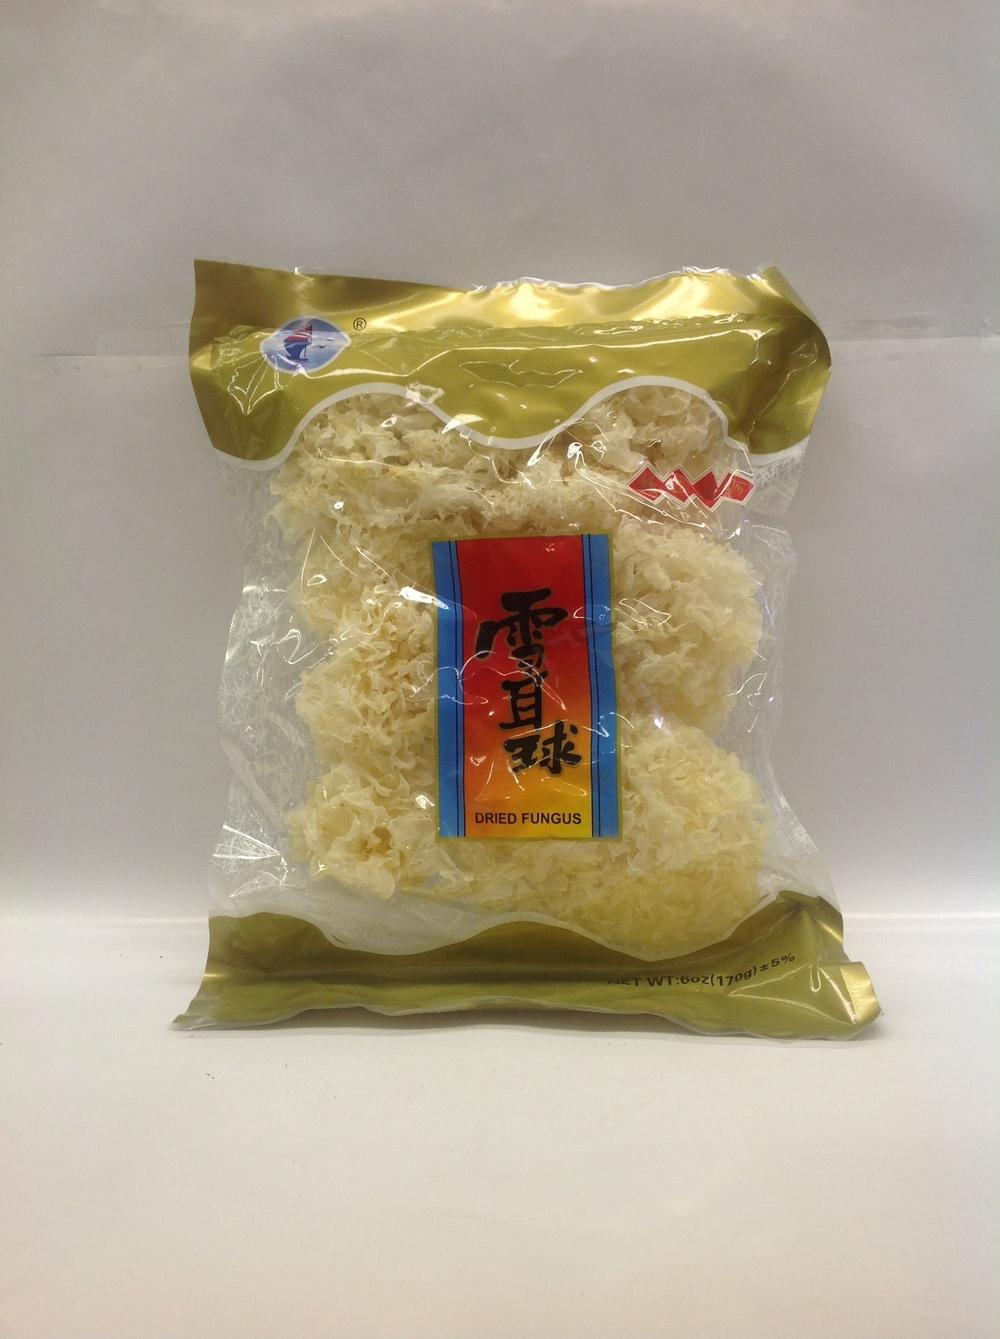 Dried Fungus, White   Hocean   DRV1210 50x6 oz